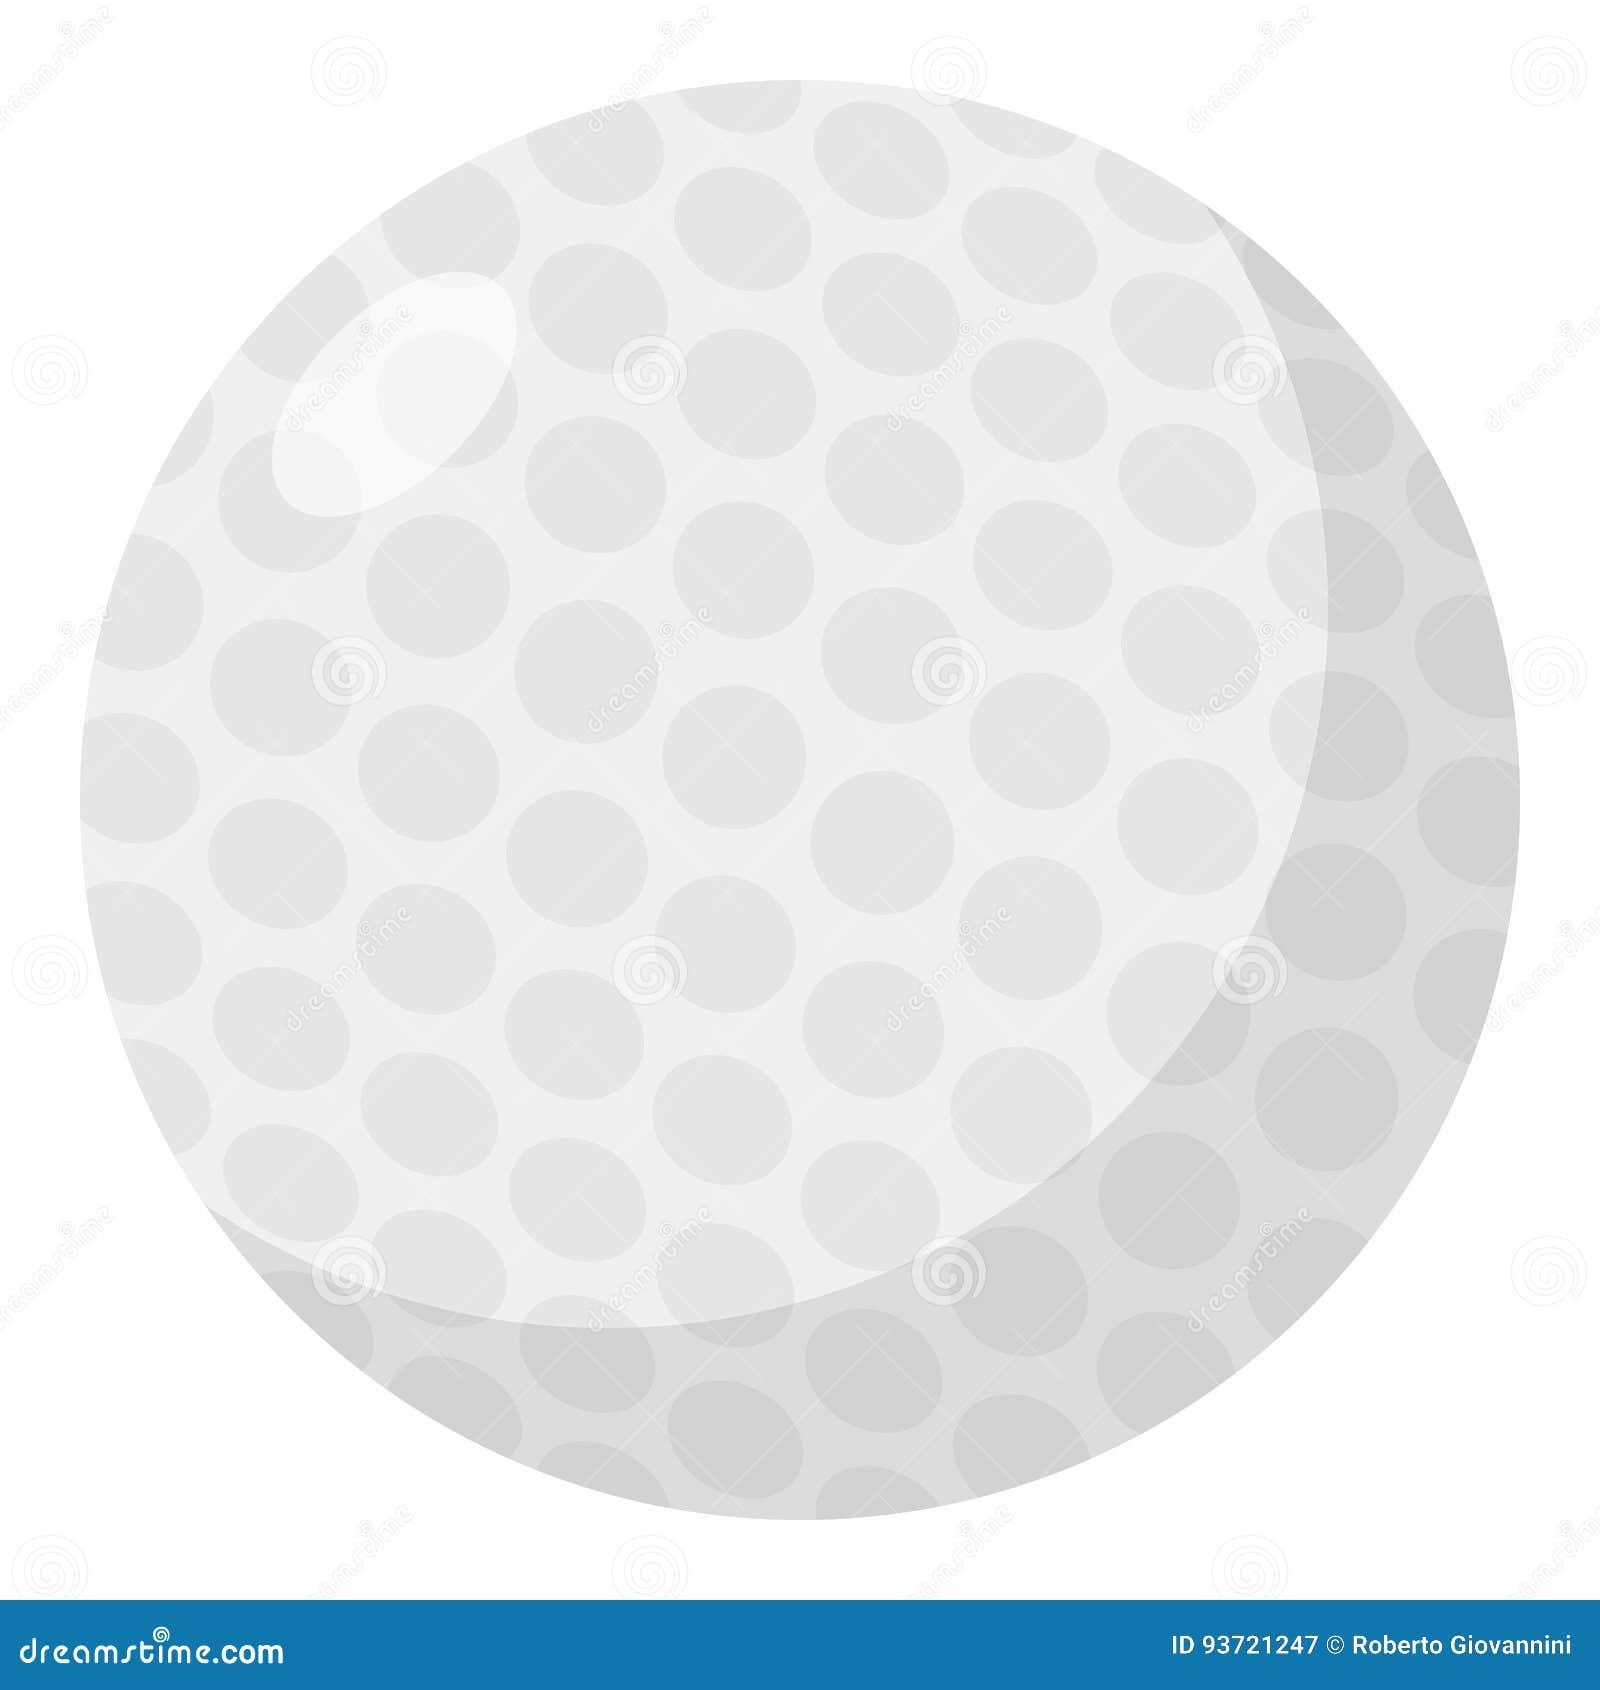 Γκολφ σφαιρών εικονίδιο που απομονώνεται επίπεδο στο λευκό